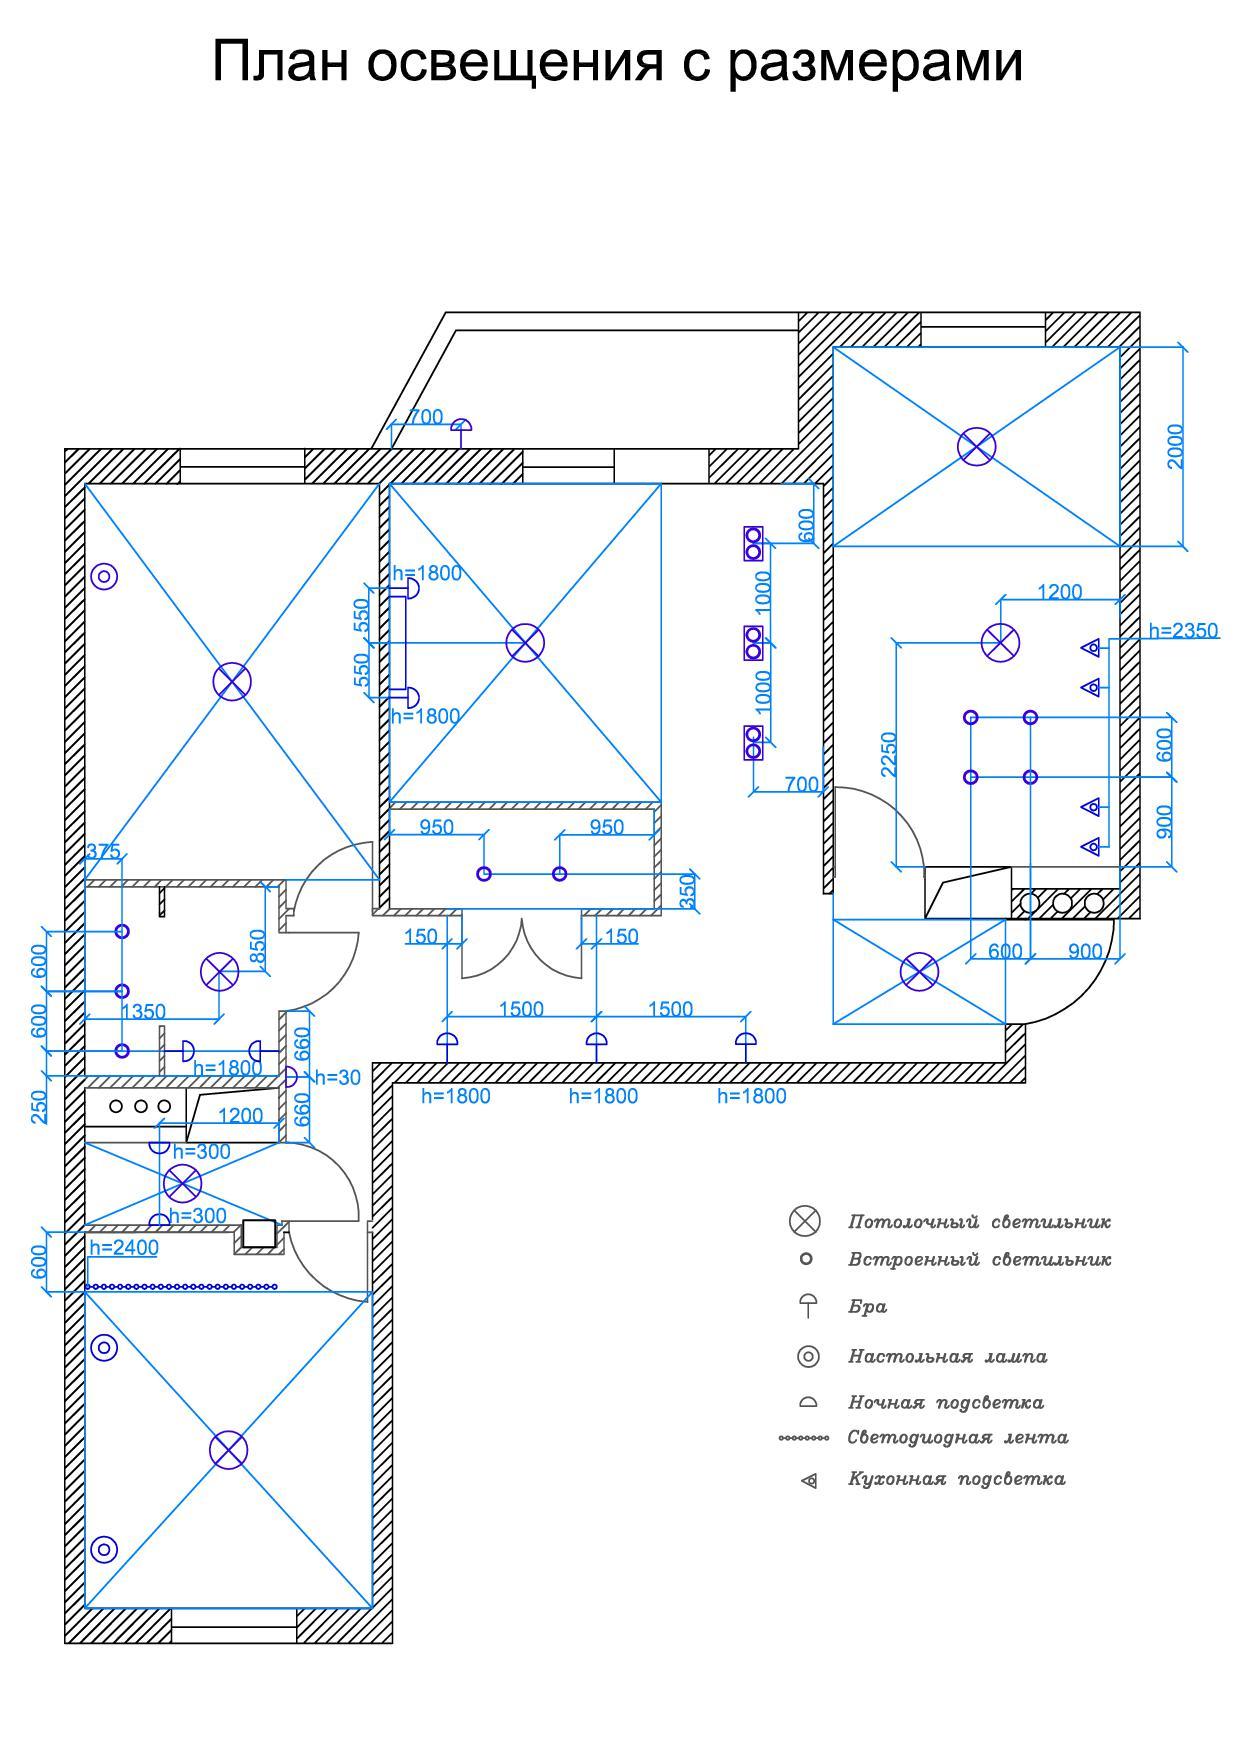 5. План освещения с размерами